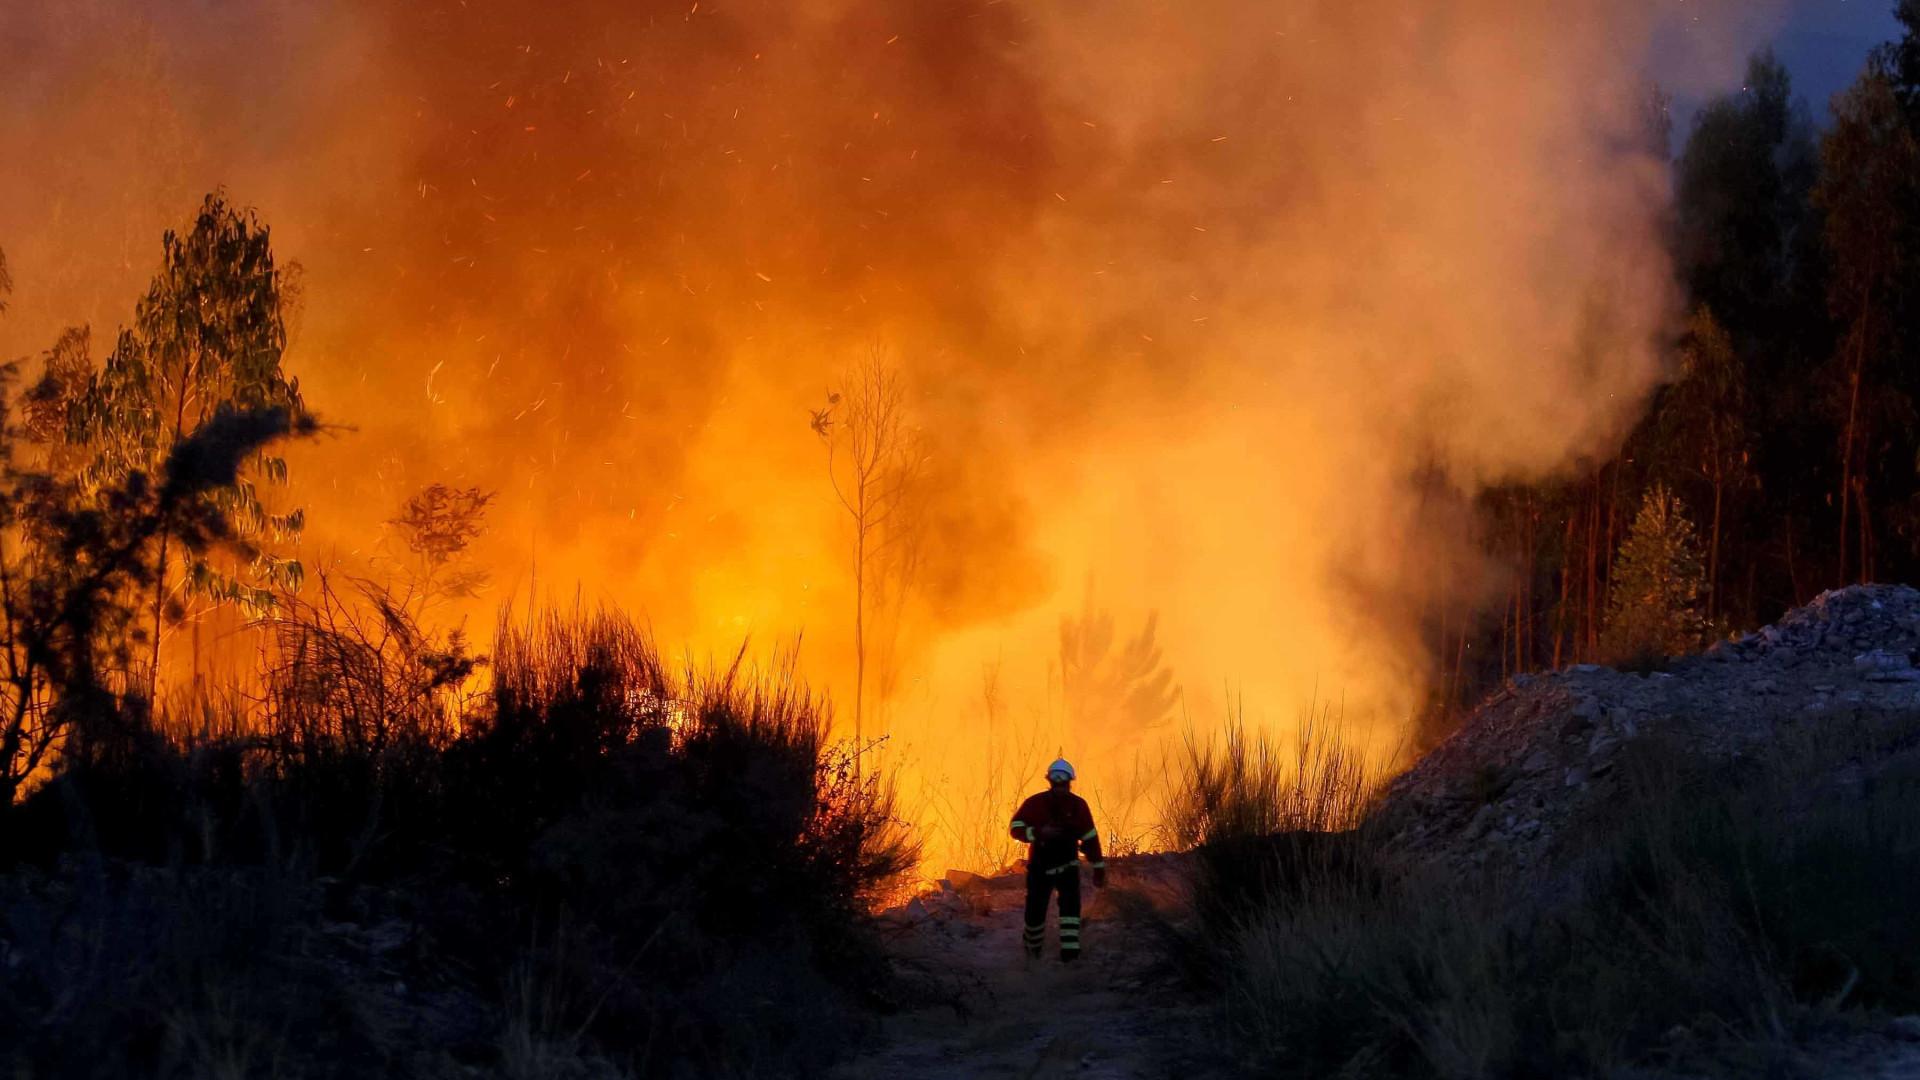 Proteção Civil justifica valores da área ardida com calor do verão